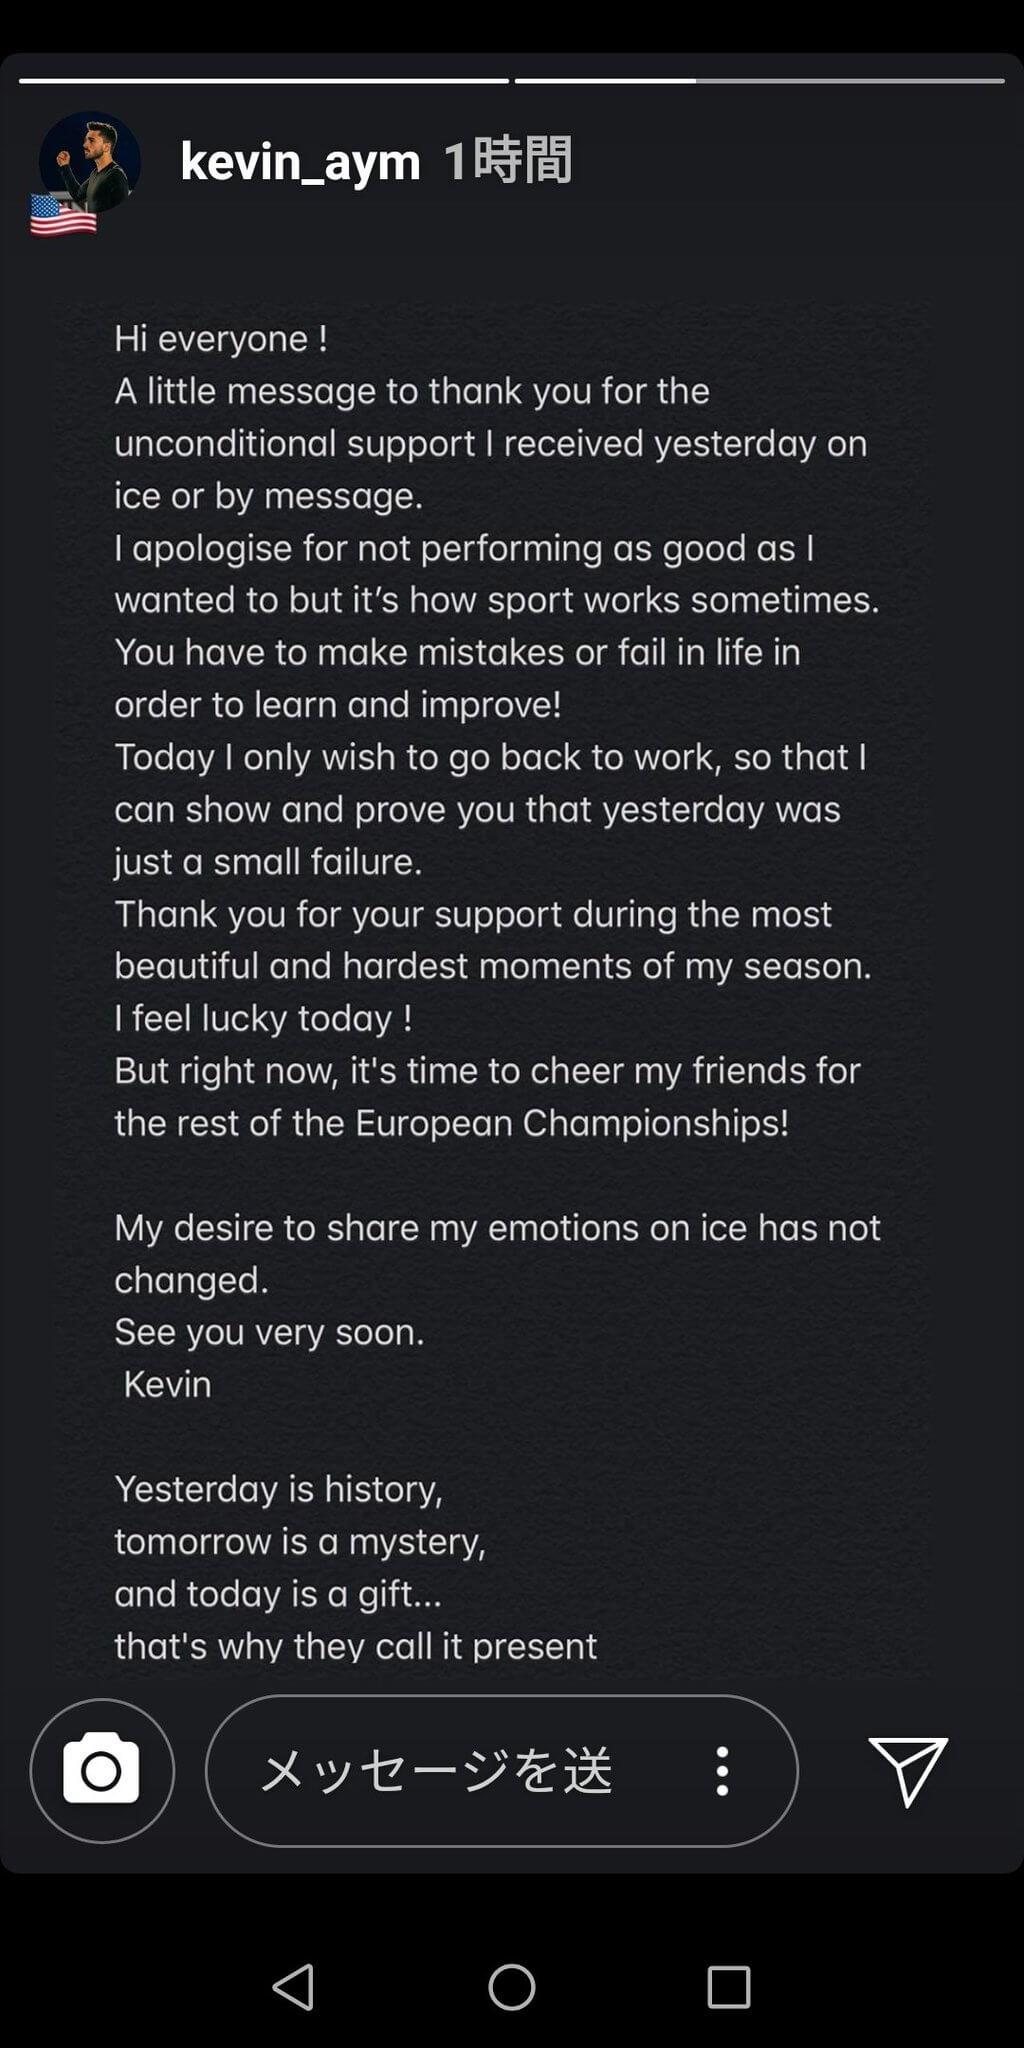 欧州フィギュアスケート選手権2020 フリーに進めないというまさかの結果となったケビン・エイモズからのメッセージに多くの反響!